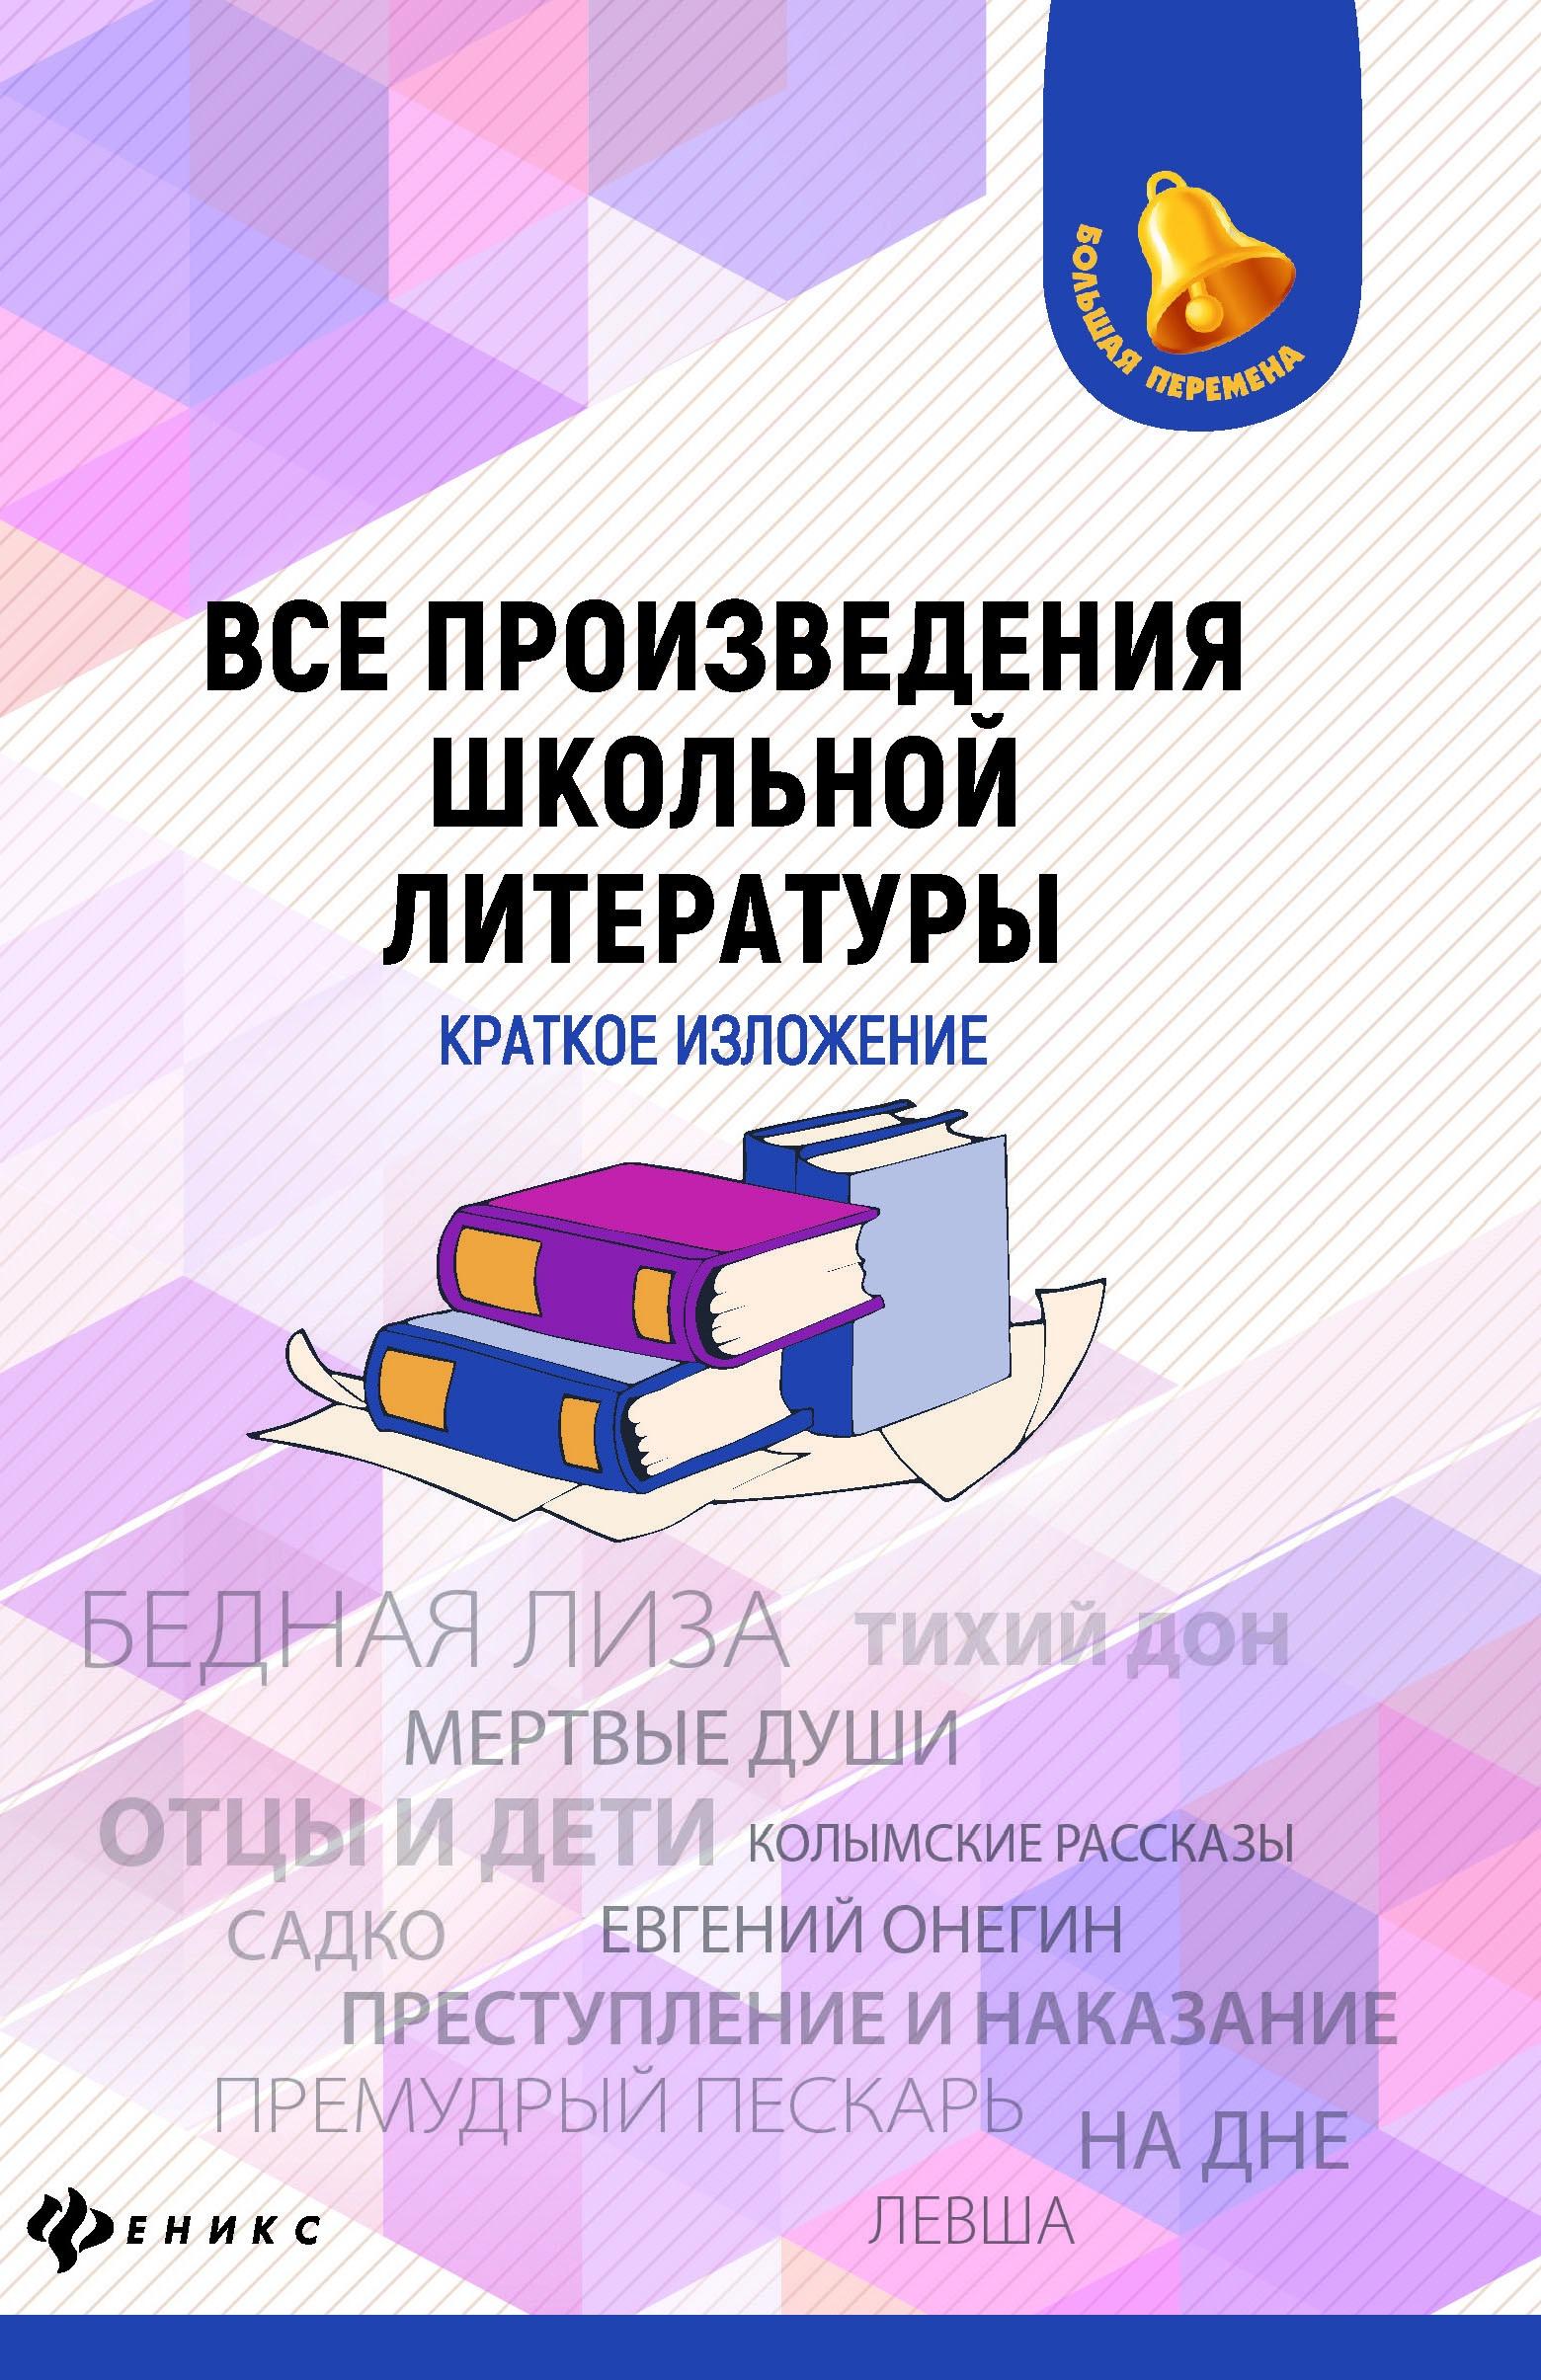 Все произведения школьной литературы: краткое изложение Феникс